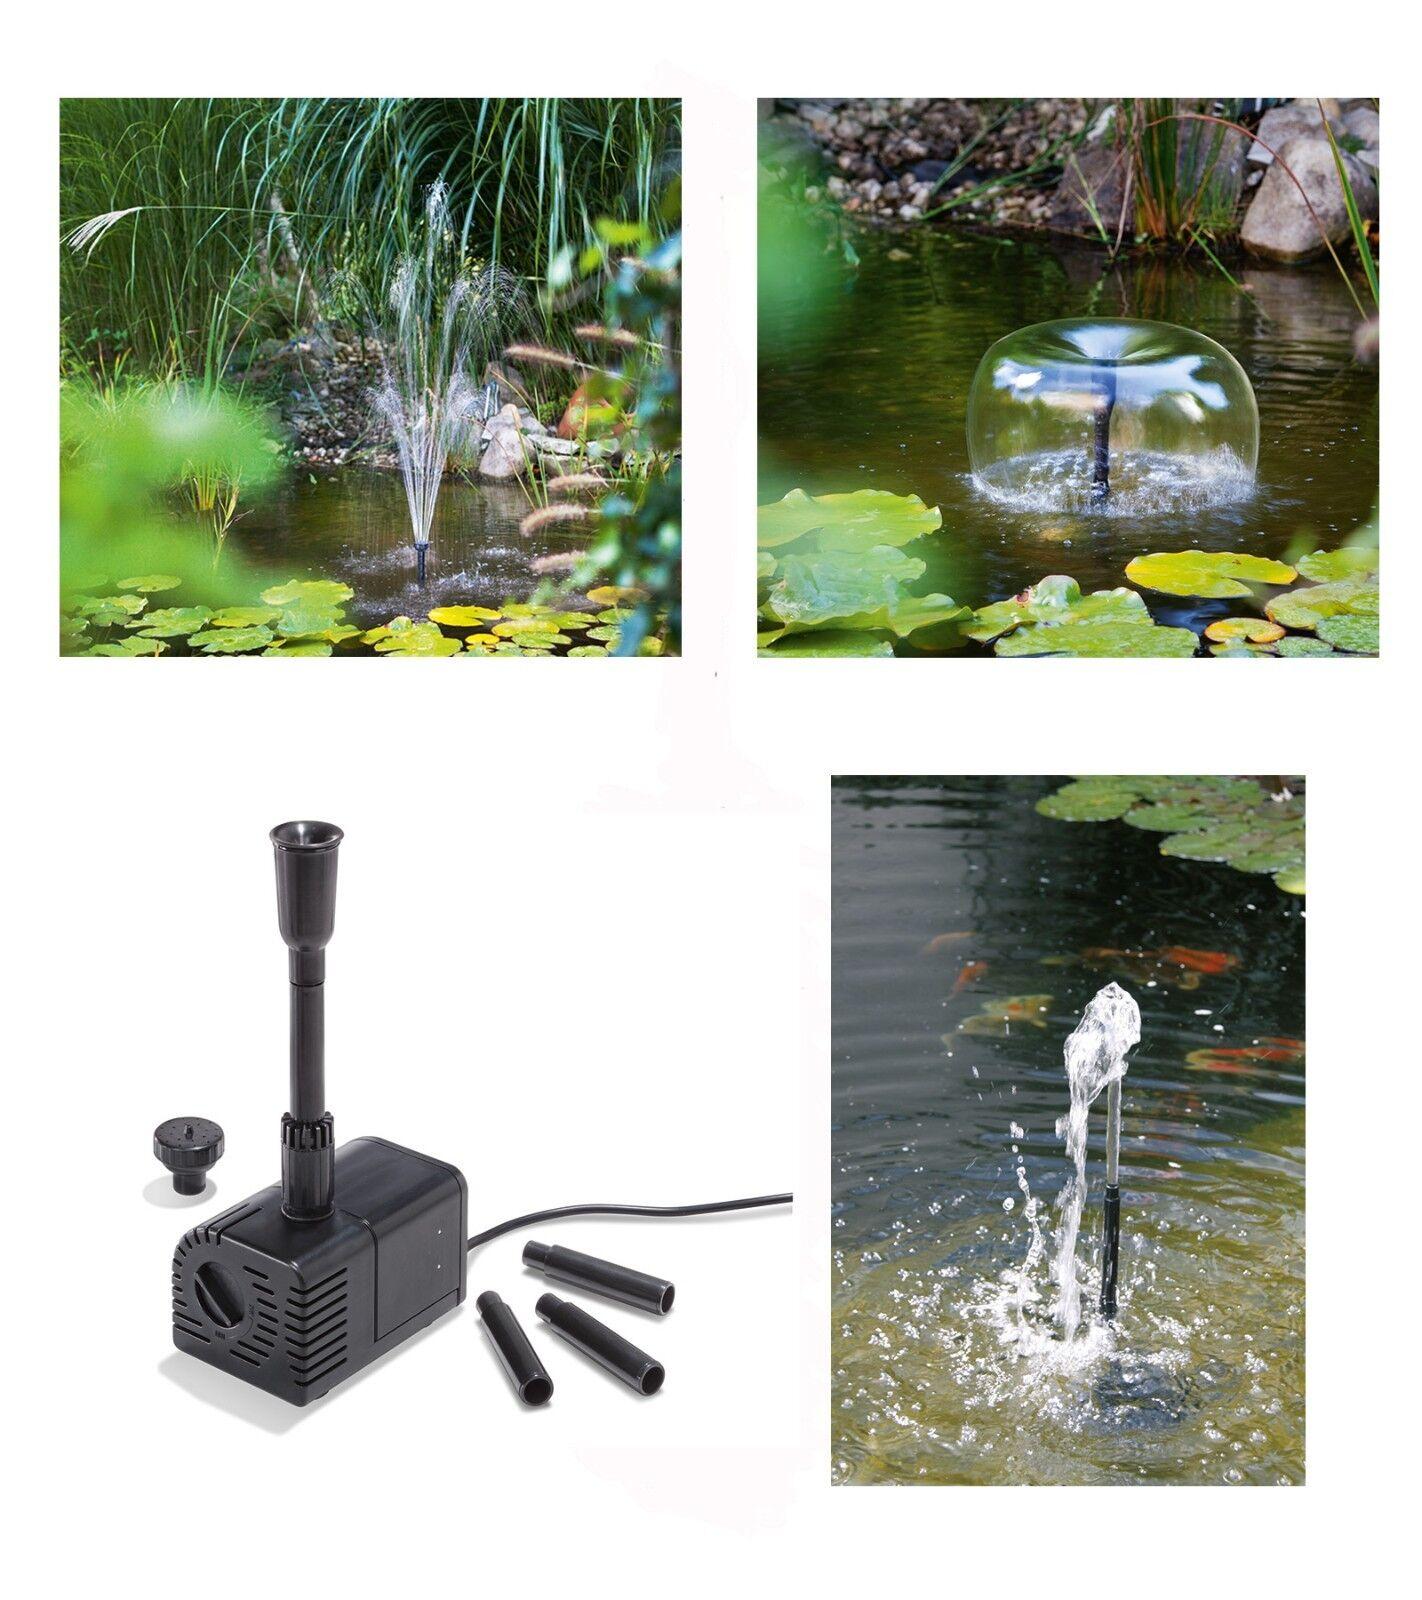 12-24 Volt Solar Ersatzpumpe Solarpumpe Teichpumpe Gartenpumpe Tauchpumpe Pumpe